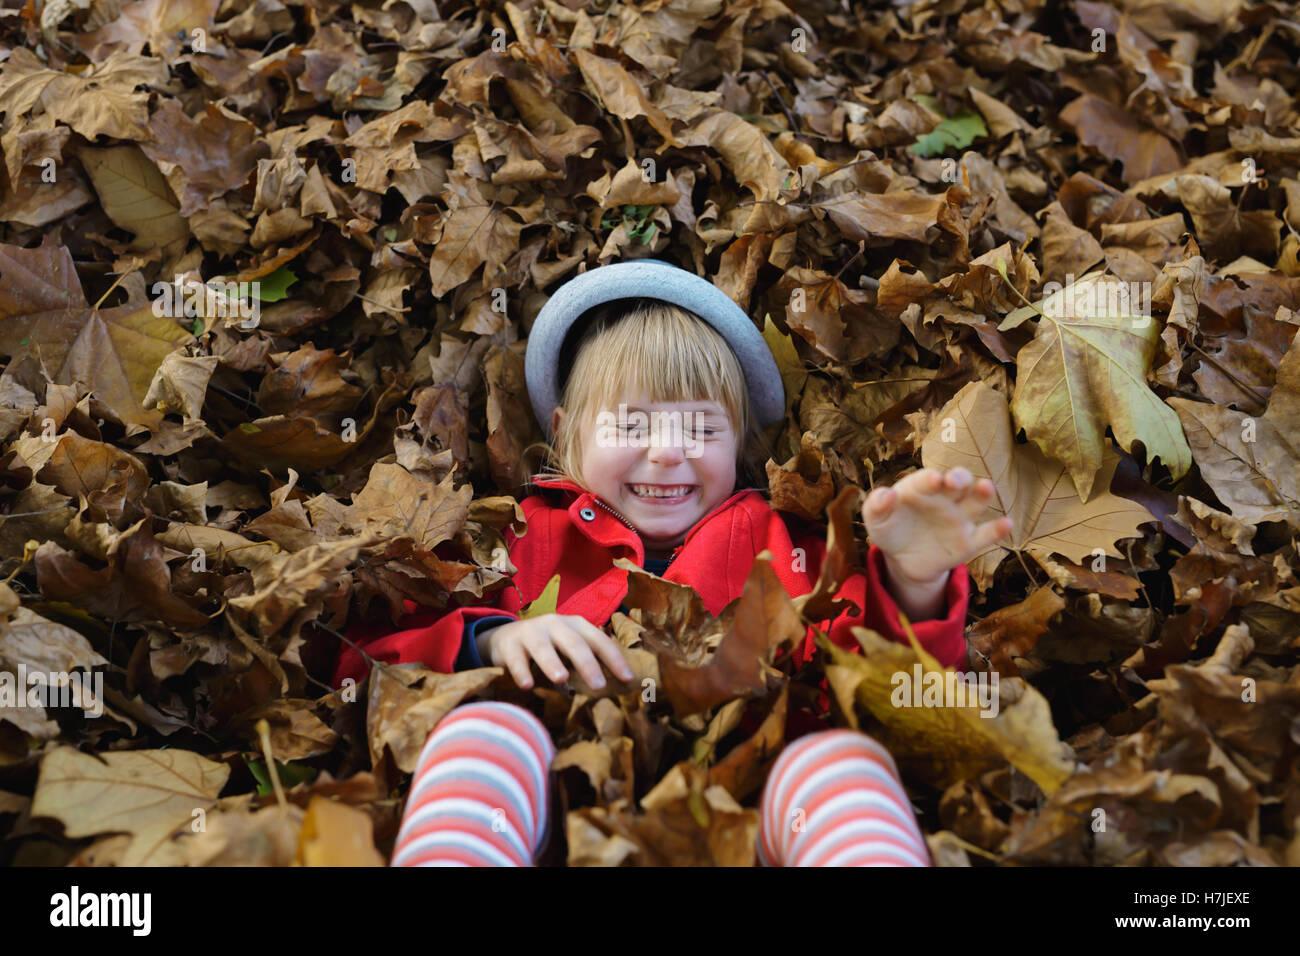 Feliz otoño. Niña chaqueta roja jugando con la pila de hojas secas en otoño del parque. Foto de stock